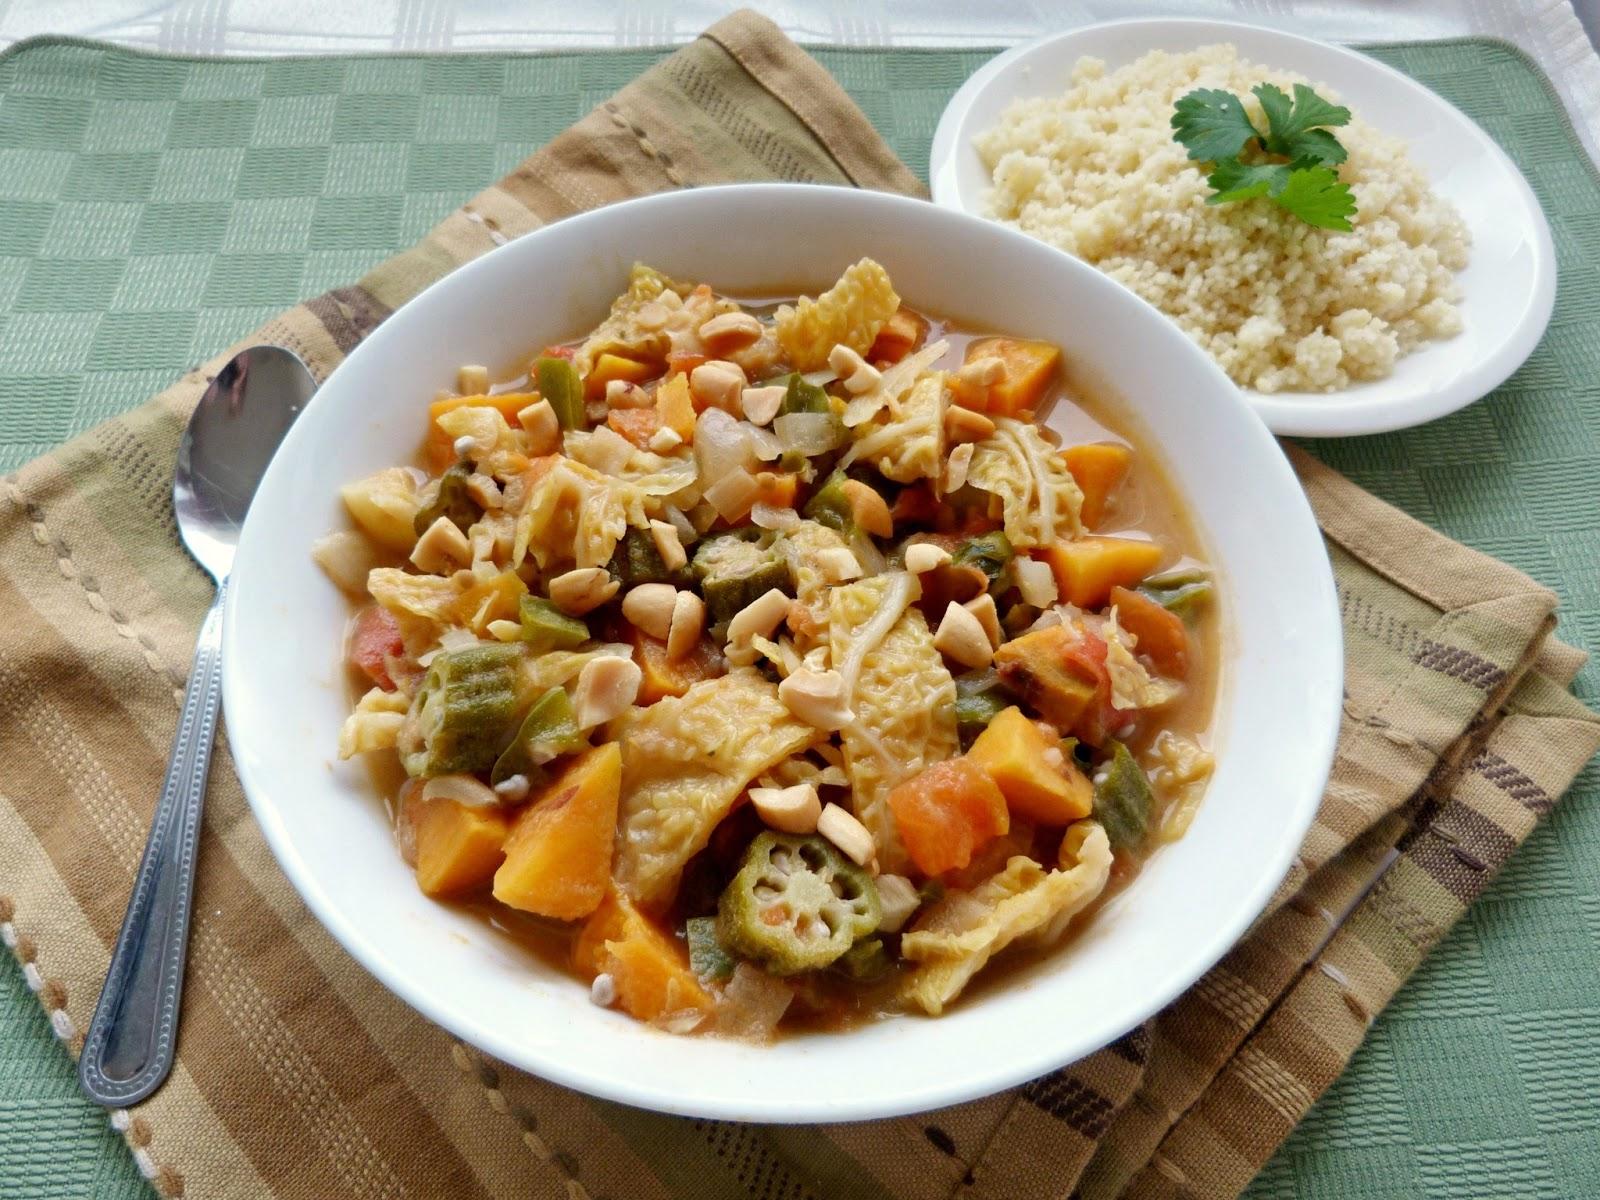 Vanilla & Spice: West African Vegetable Stew